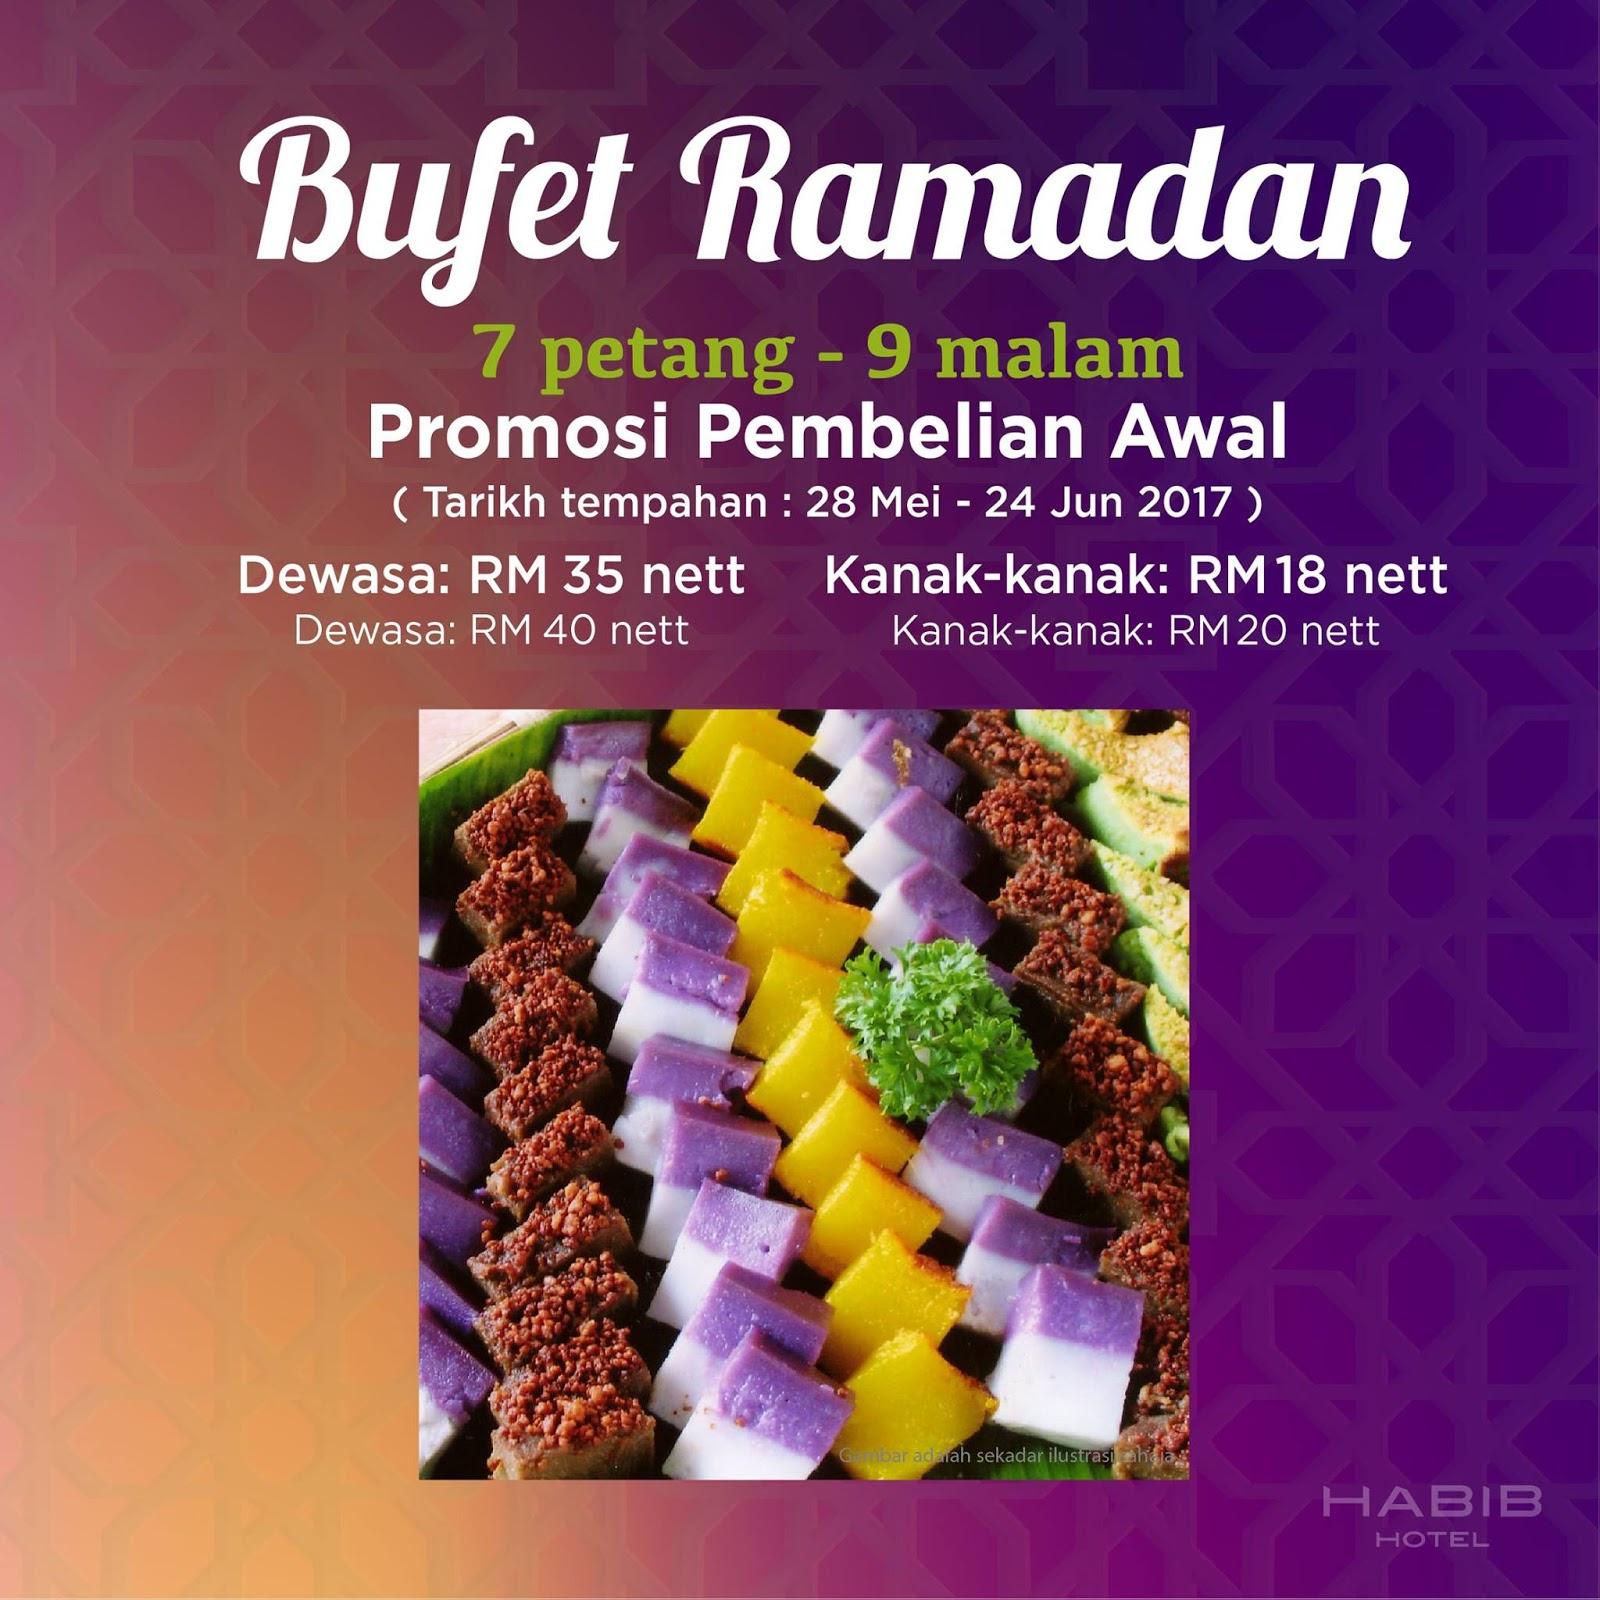 kelantan hotel habib ramadhan buffet